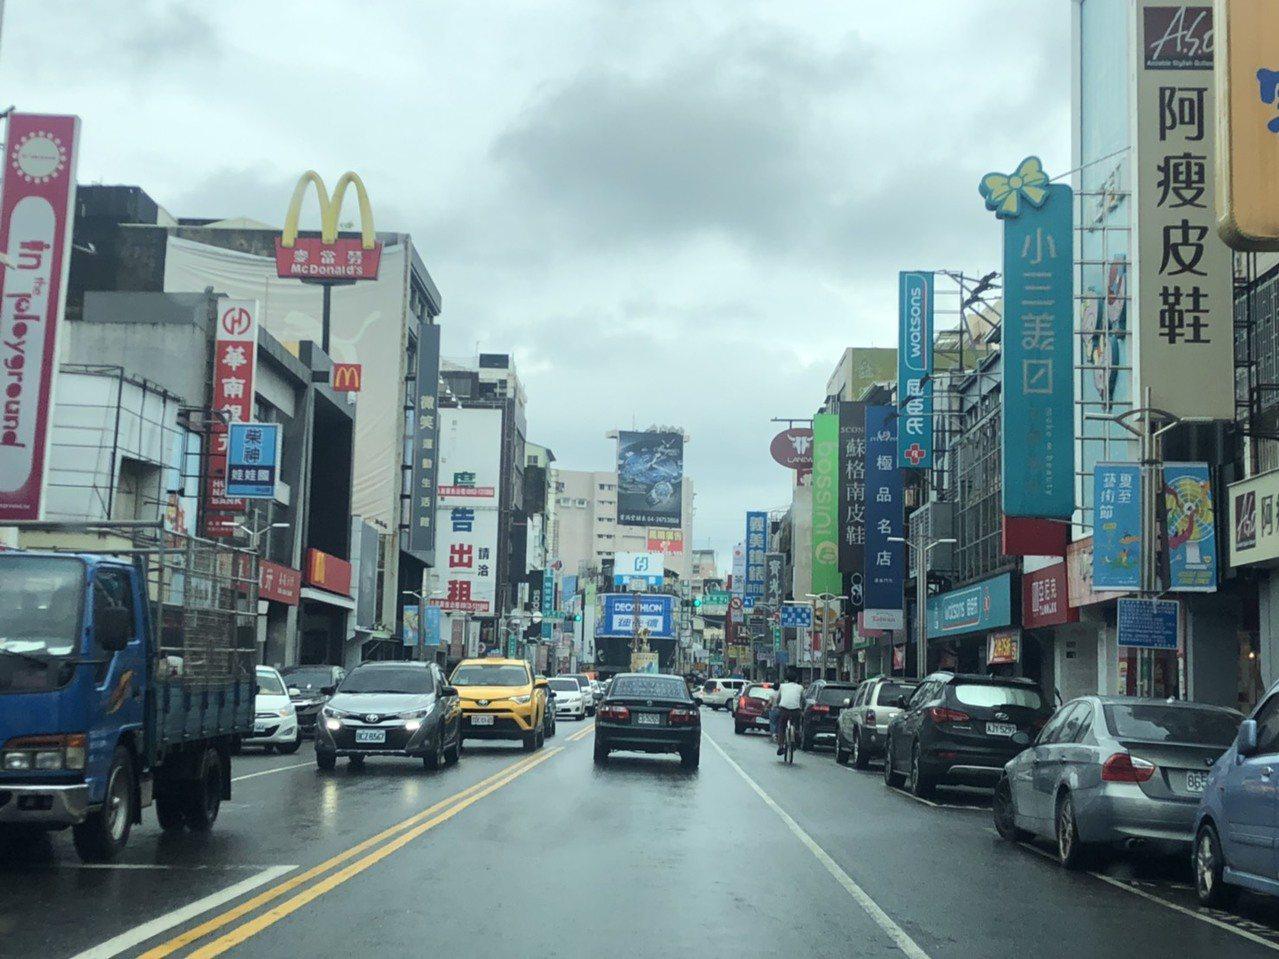 嘉義市車多擁擠,市府交通處已向中央申請前瞻計畫經費,闢建停車場。記者李承穎/攝影